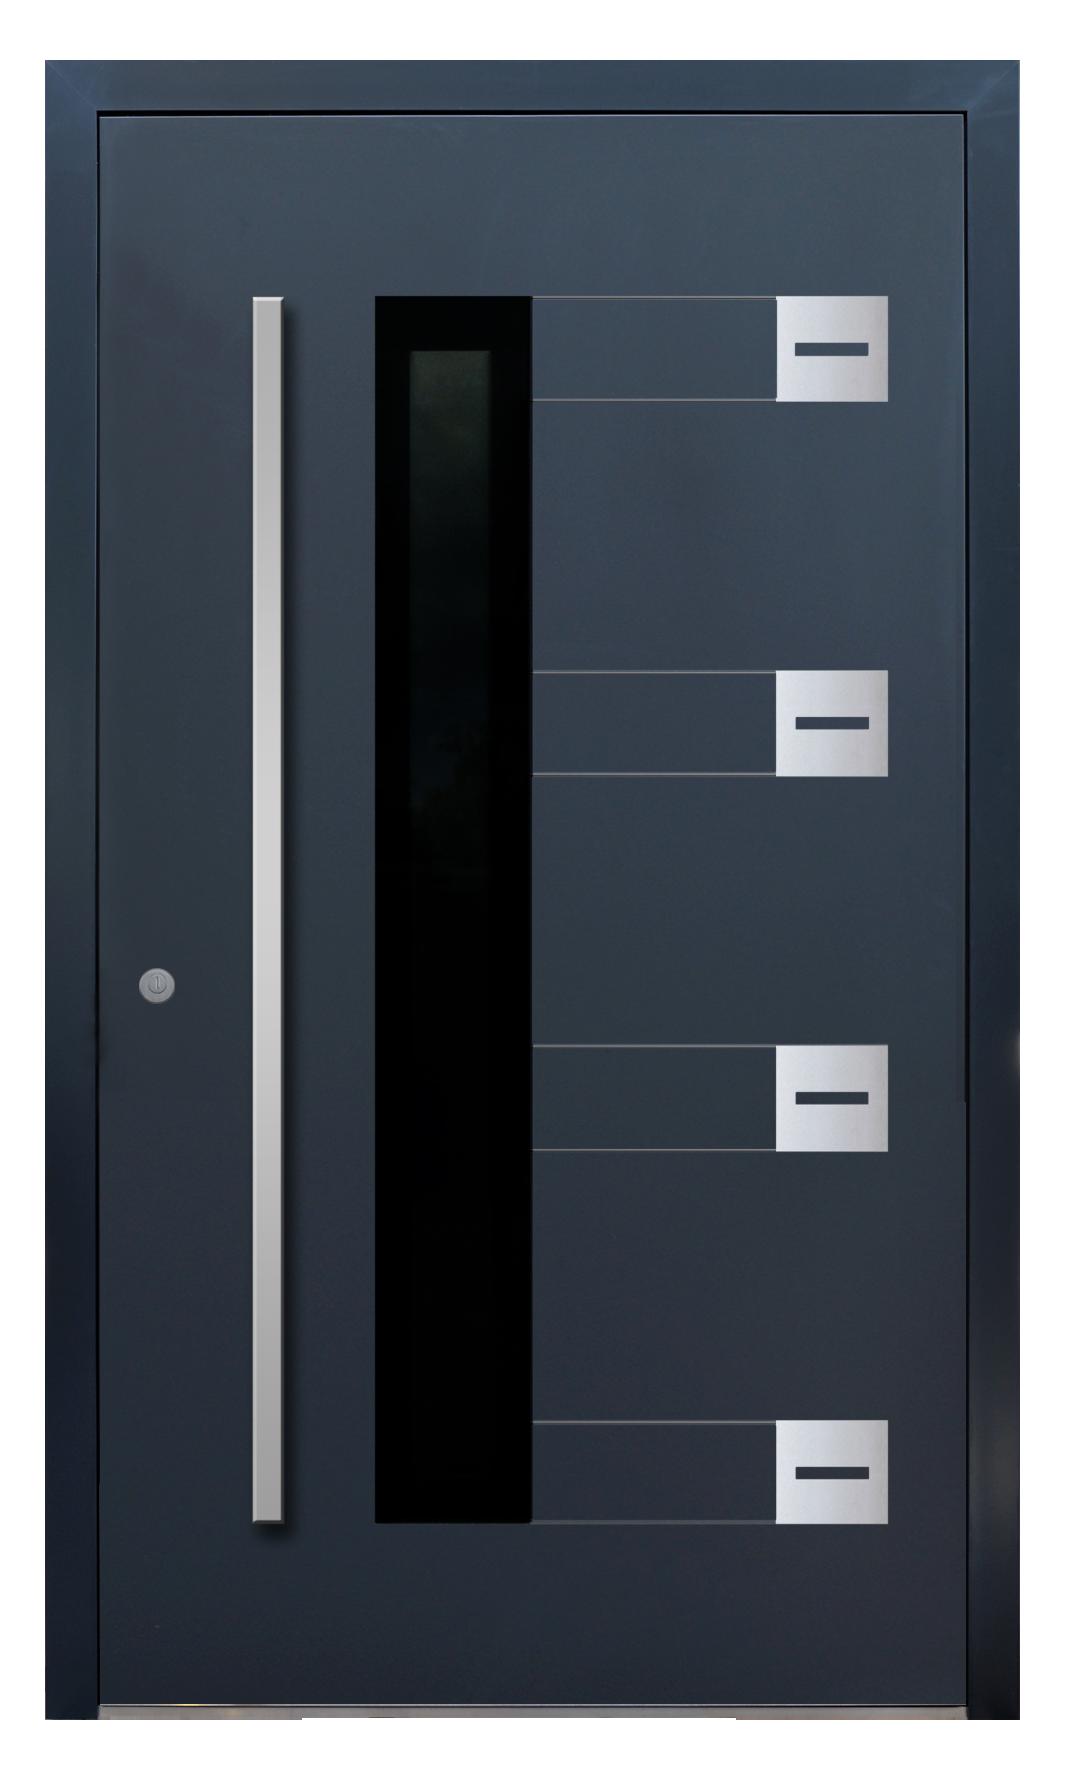 drzwi wejściowe panelowe aluminiowe-AL (15), grubość skrzydła 77 mm, ukryte zawiasy, wstawki i przeszklenia zlicowane z powierzchnią skrzydła, wkładka klasy C, drzwi na dowolny wymiar